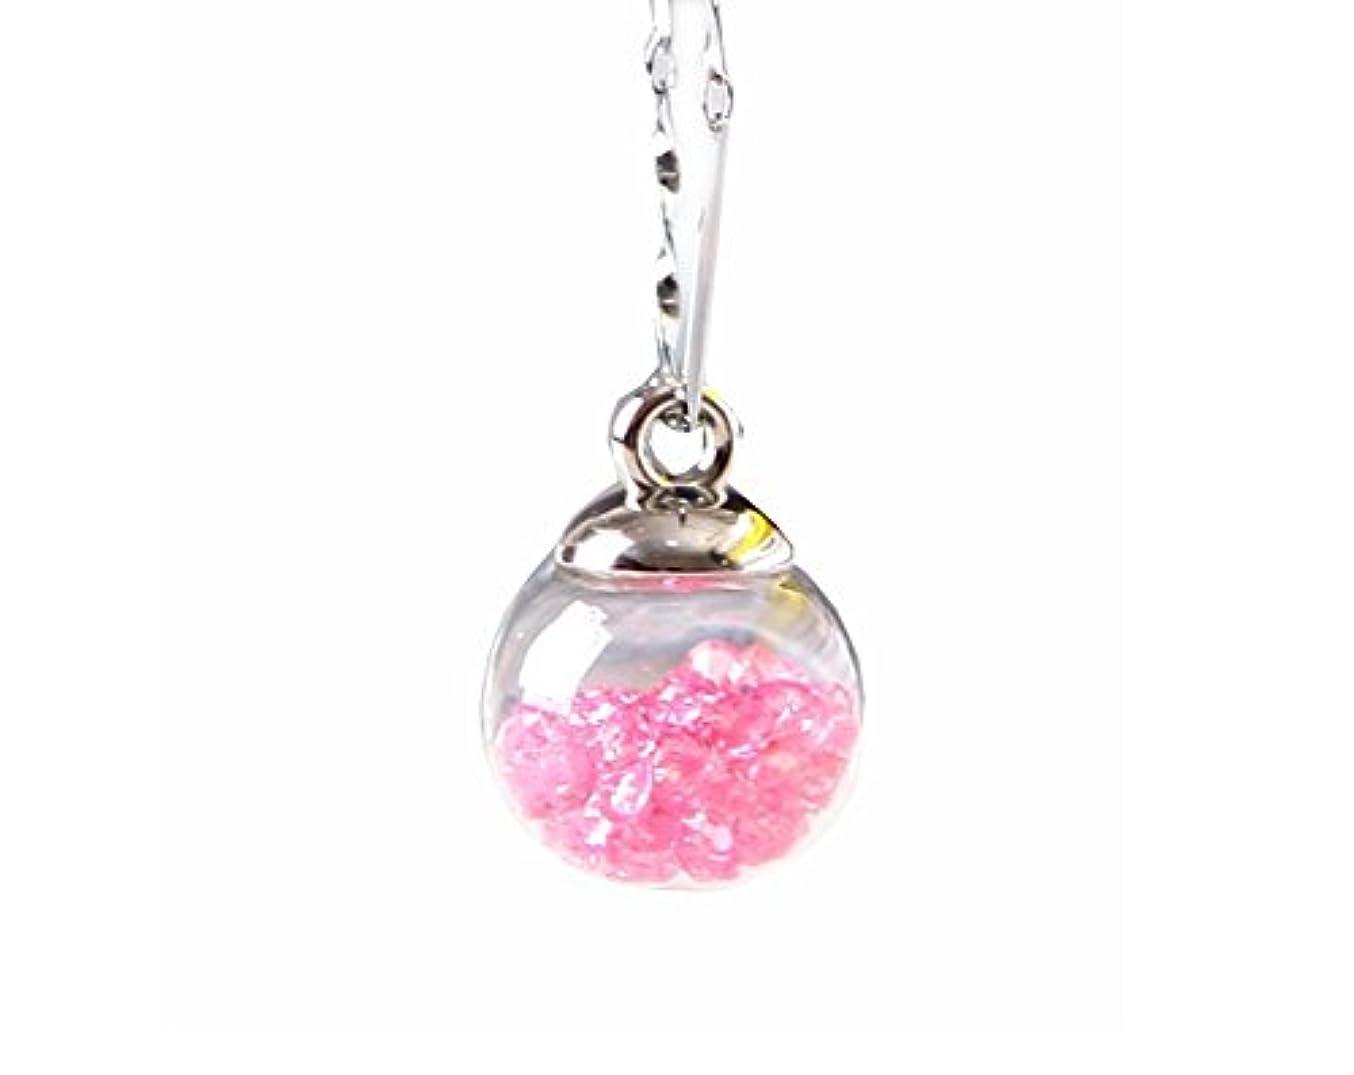 おばさんアレキサンダーグラハムベル急ぐ女の子のためのペンダントネックレス特別なスタイルのドライフラワーネックレス - ピンク